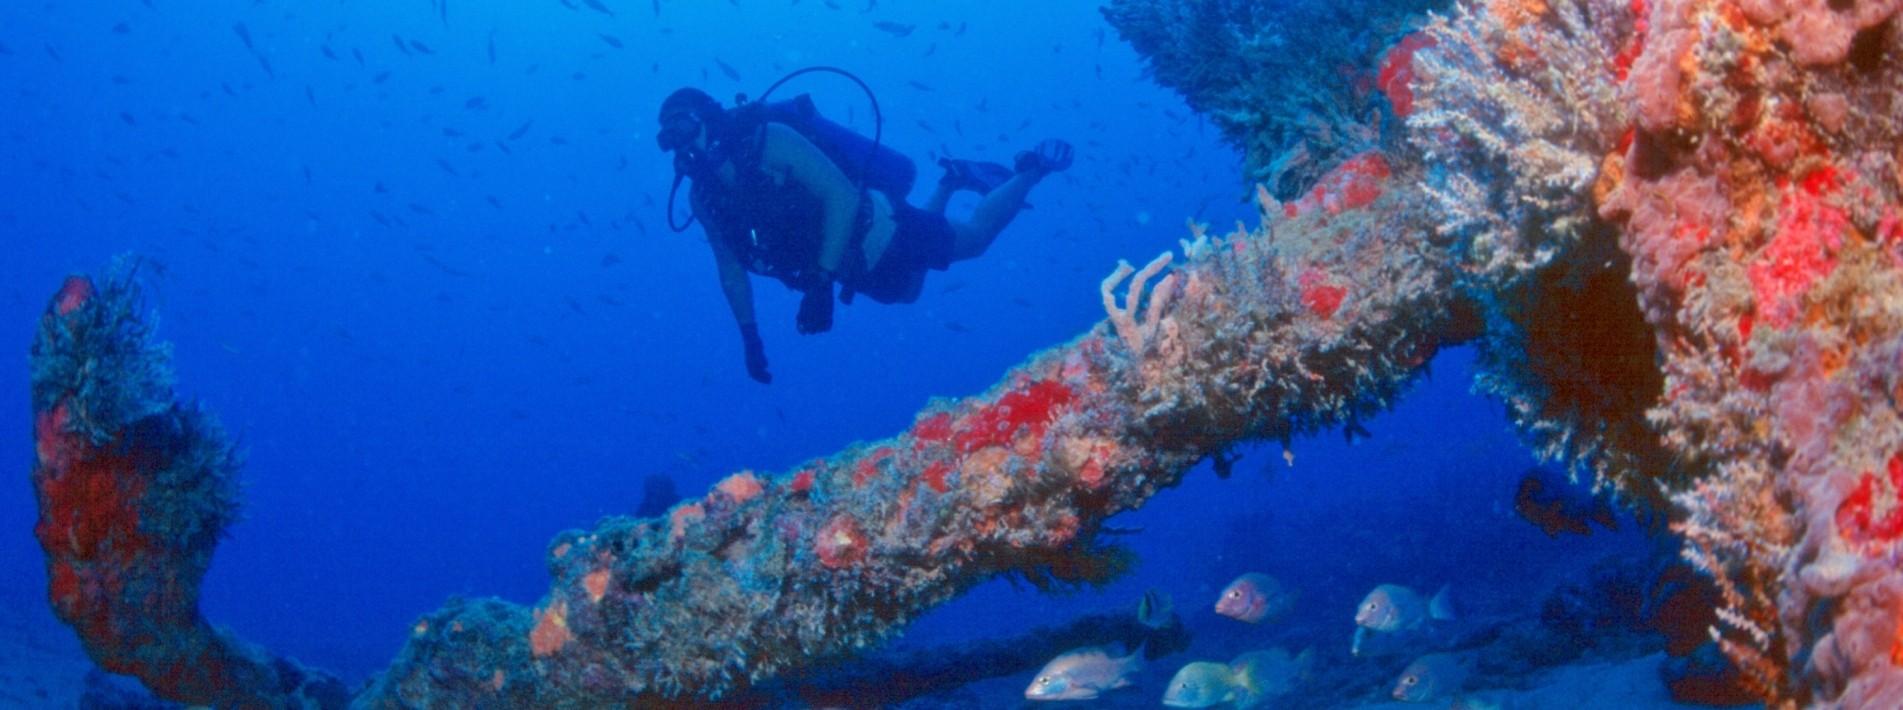 Wunderbare Unterwasserwelt, Brasilien